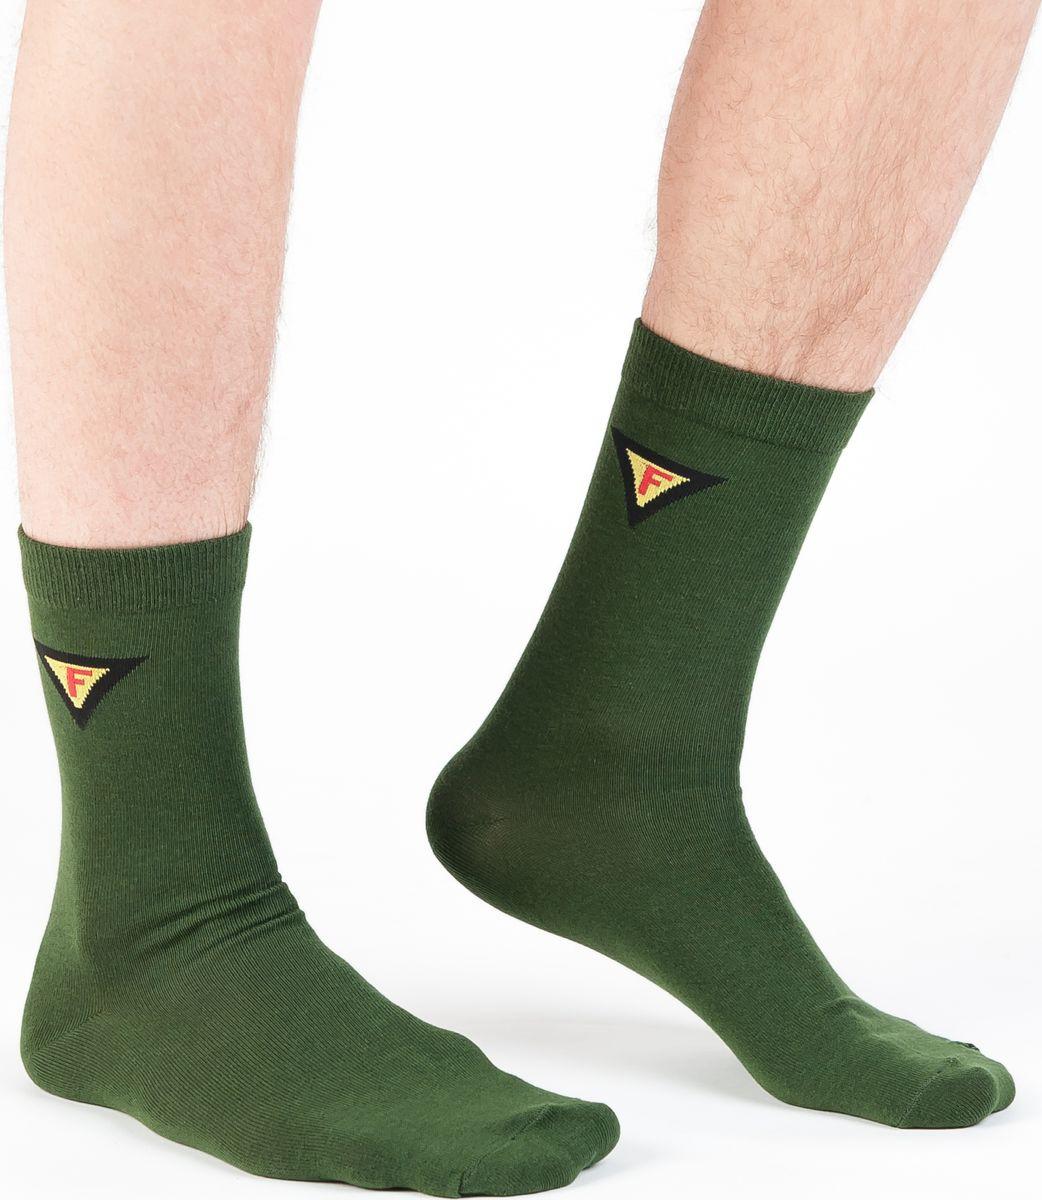 Купить Носки мужские Idilio, цвет: зеленый. SM 09. Размер 39/41